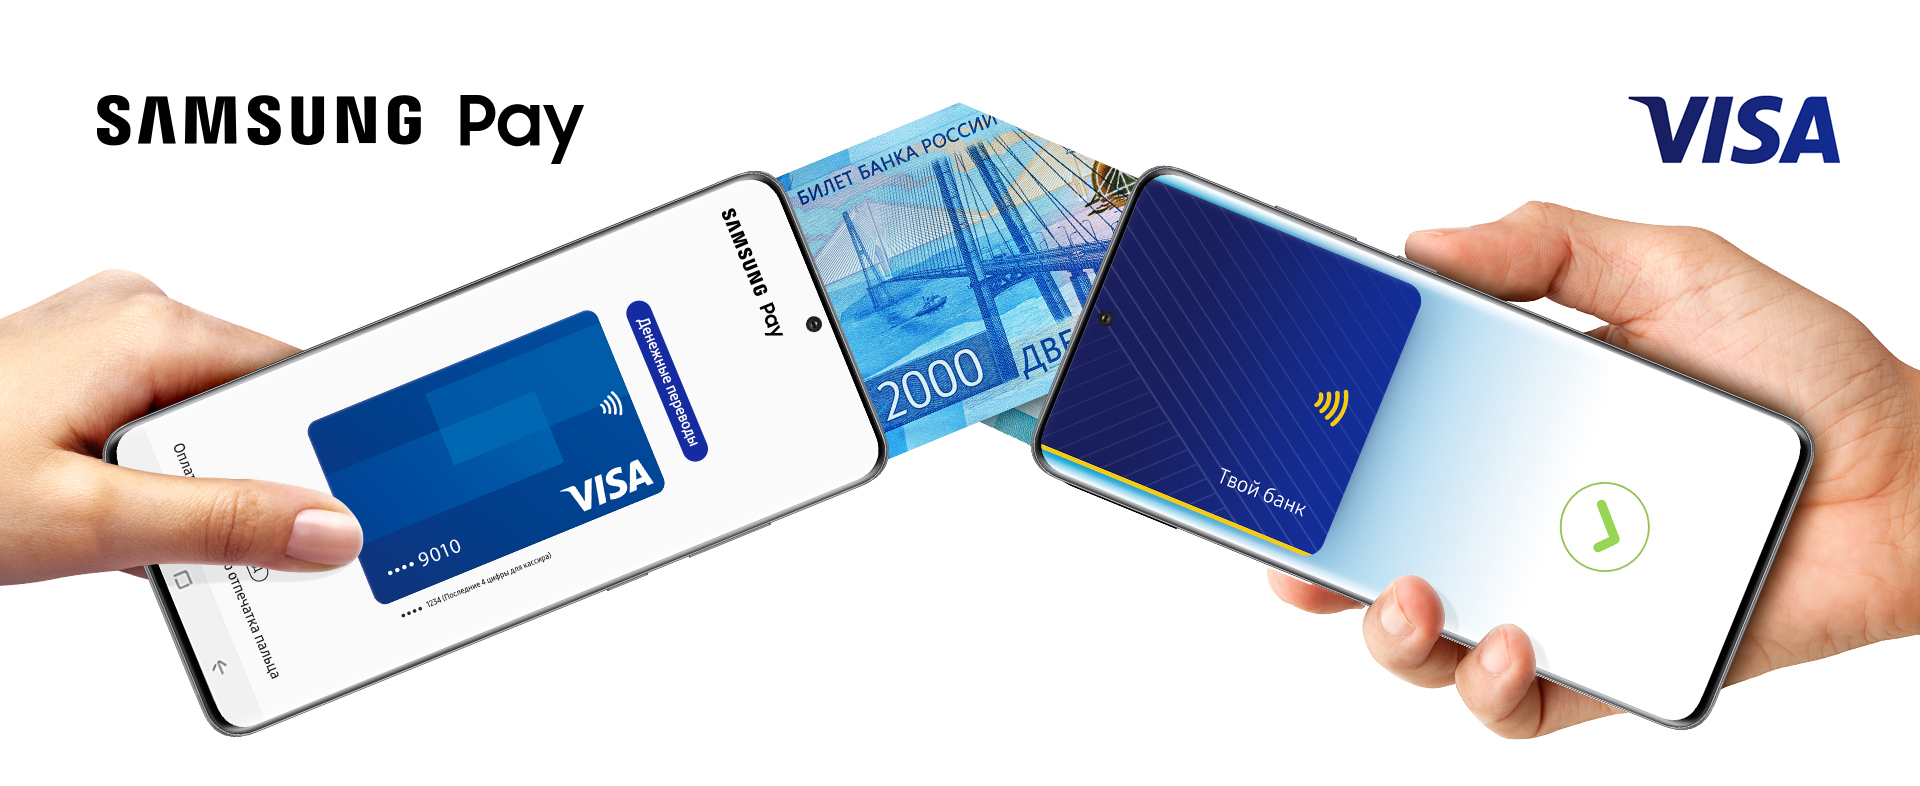 Samsung и Visa обнуляют комиссию на переводах в Samsung Pay